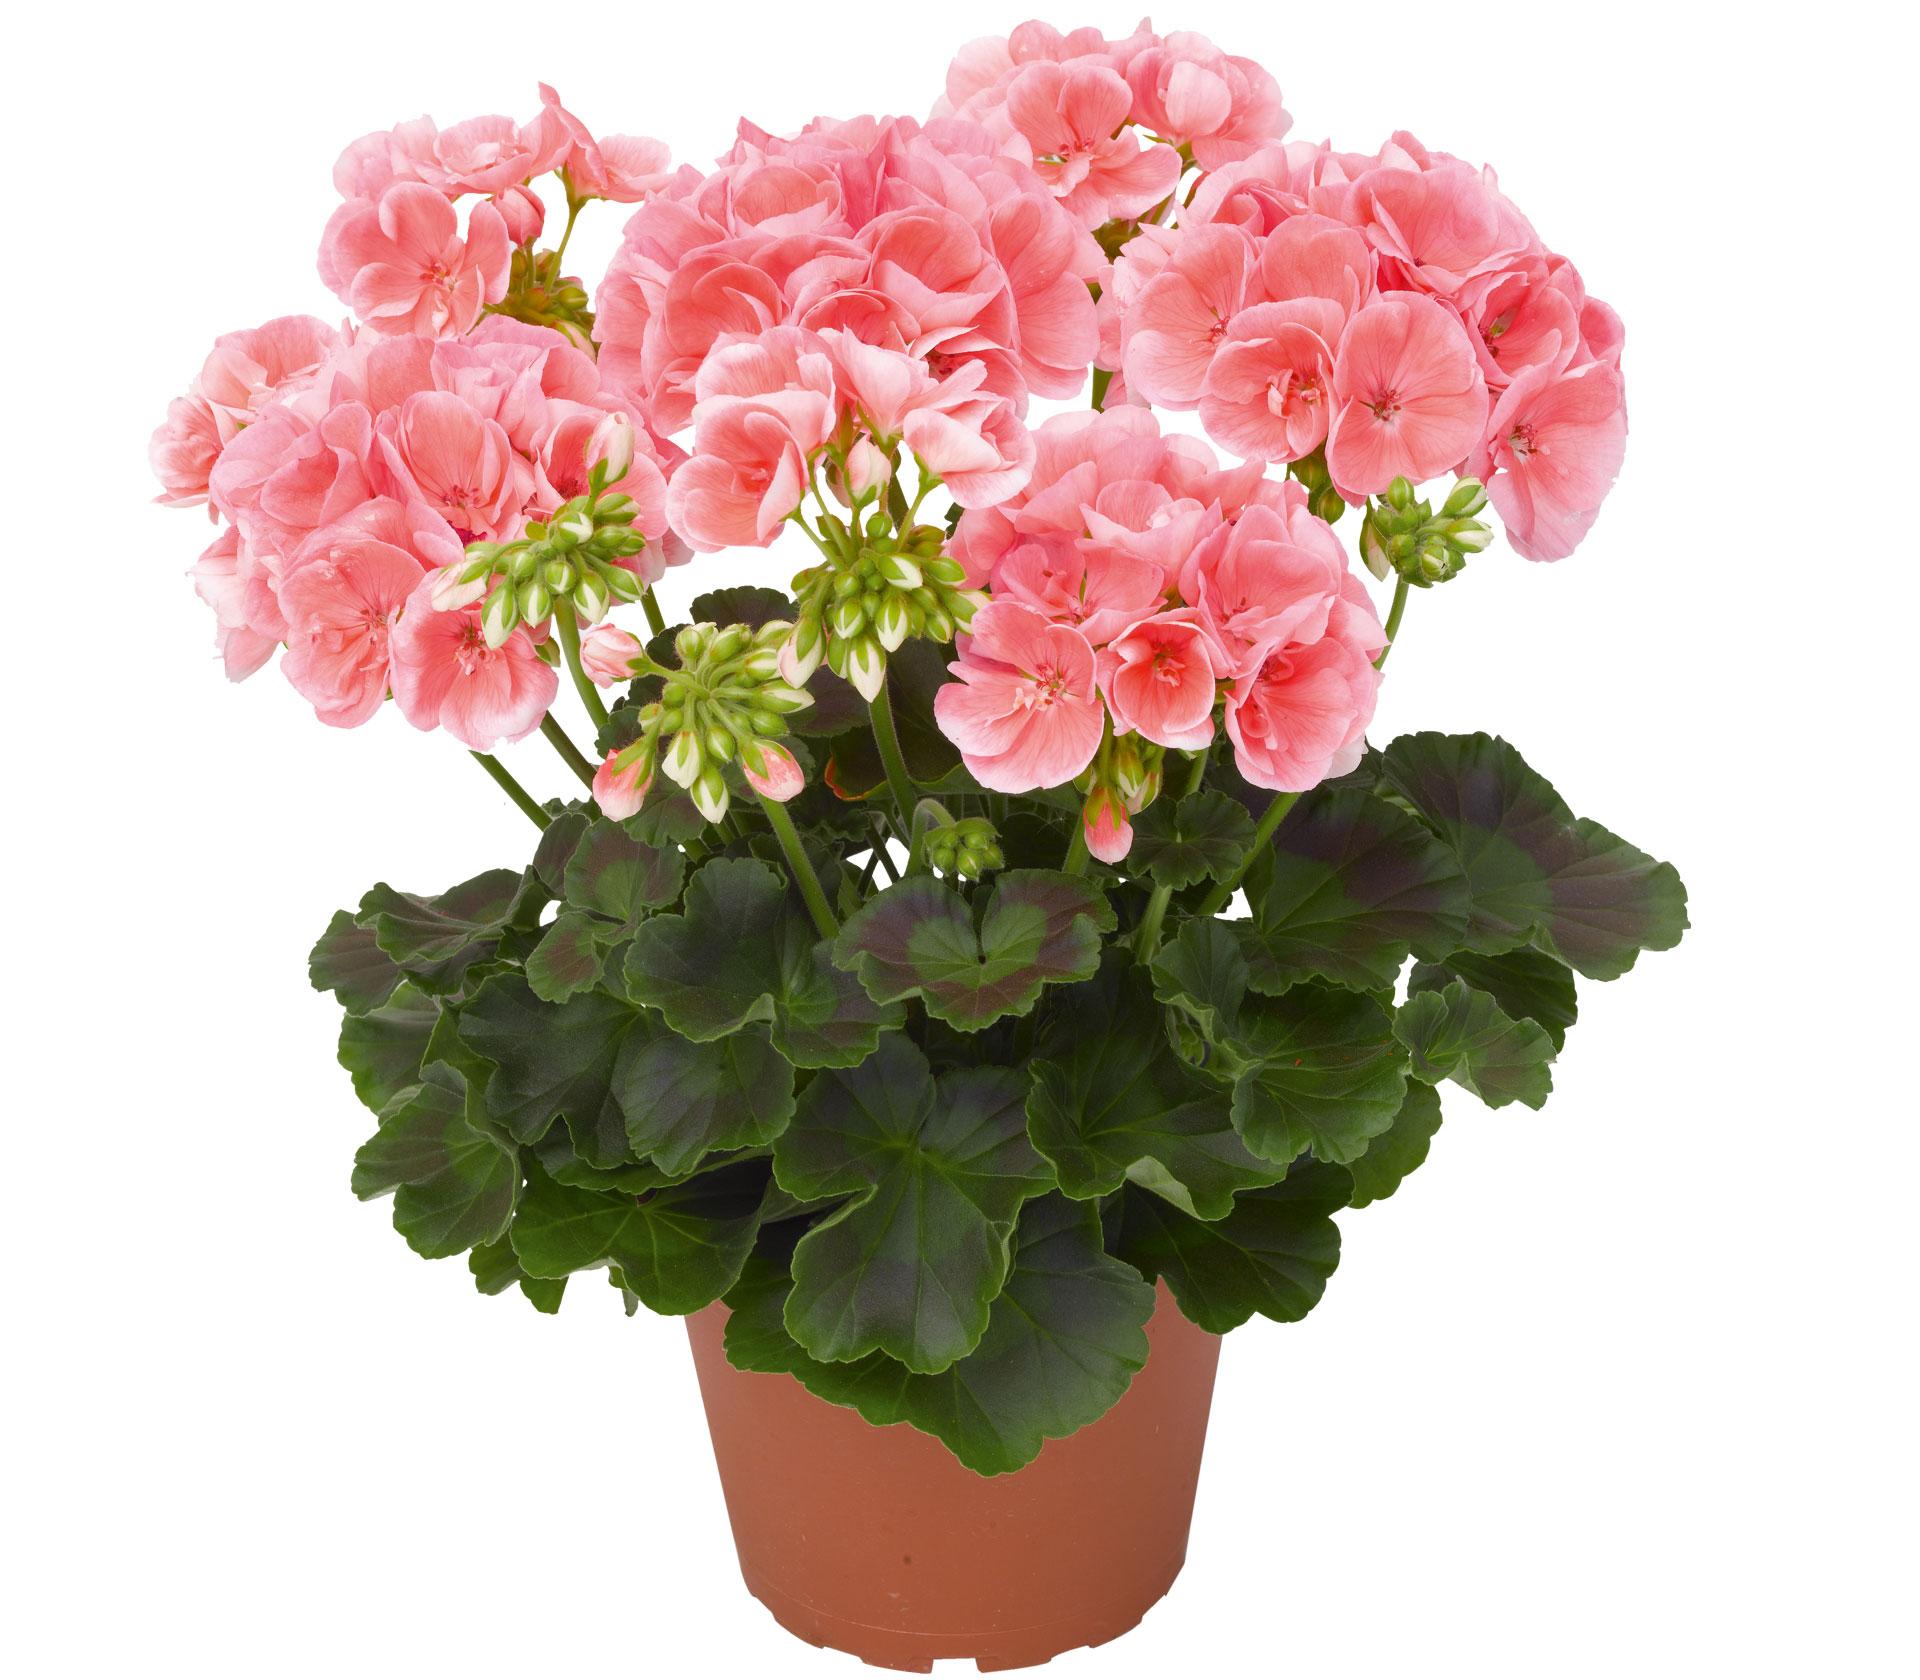 Чтобы герань всегда радовала цветением, нужна 1 капля ... - Это ...